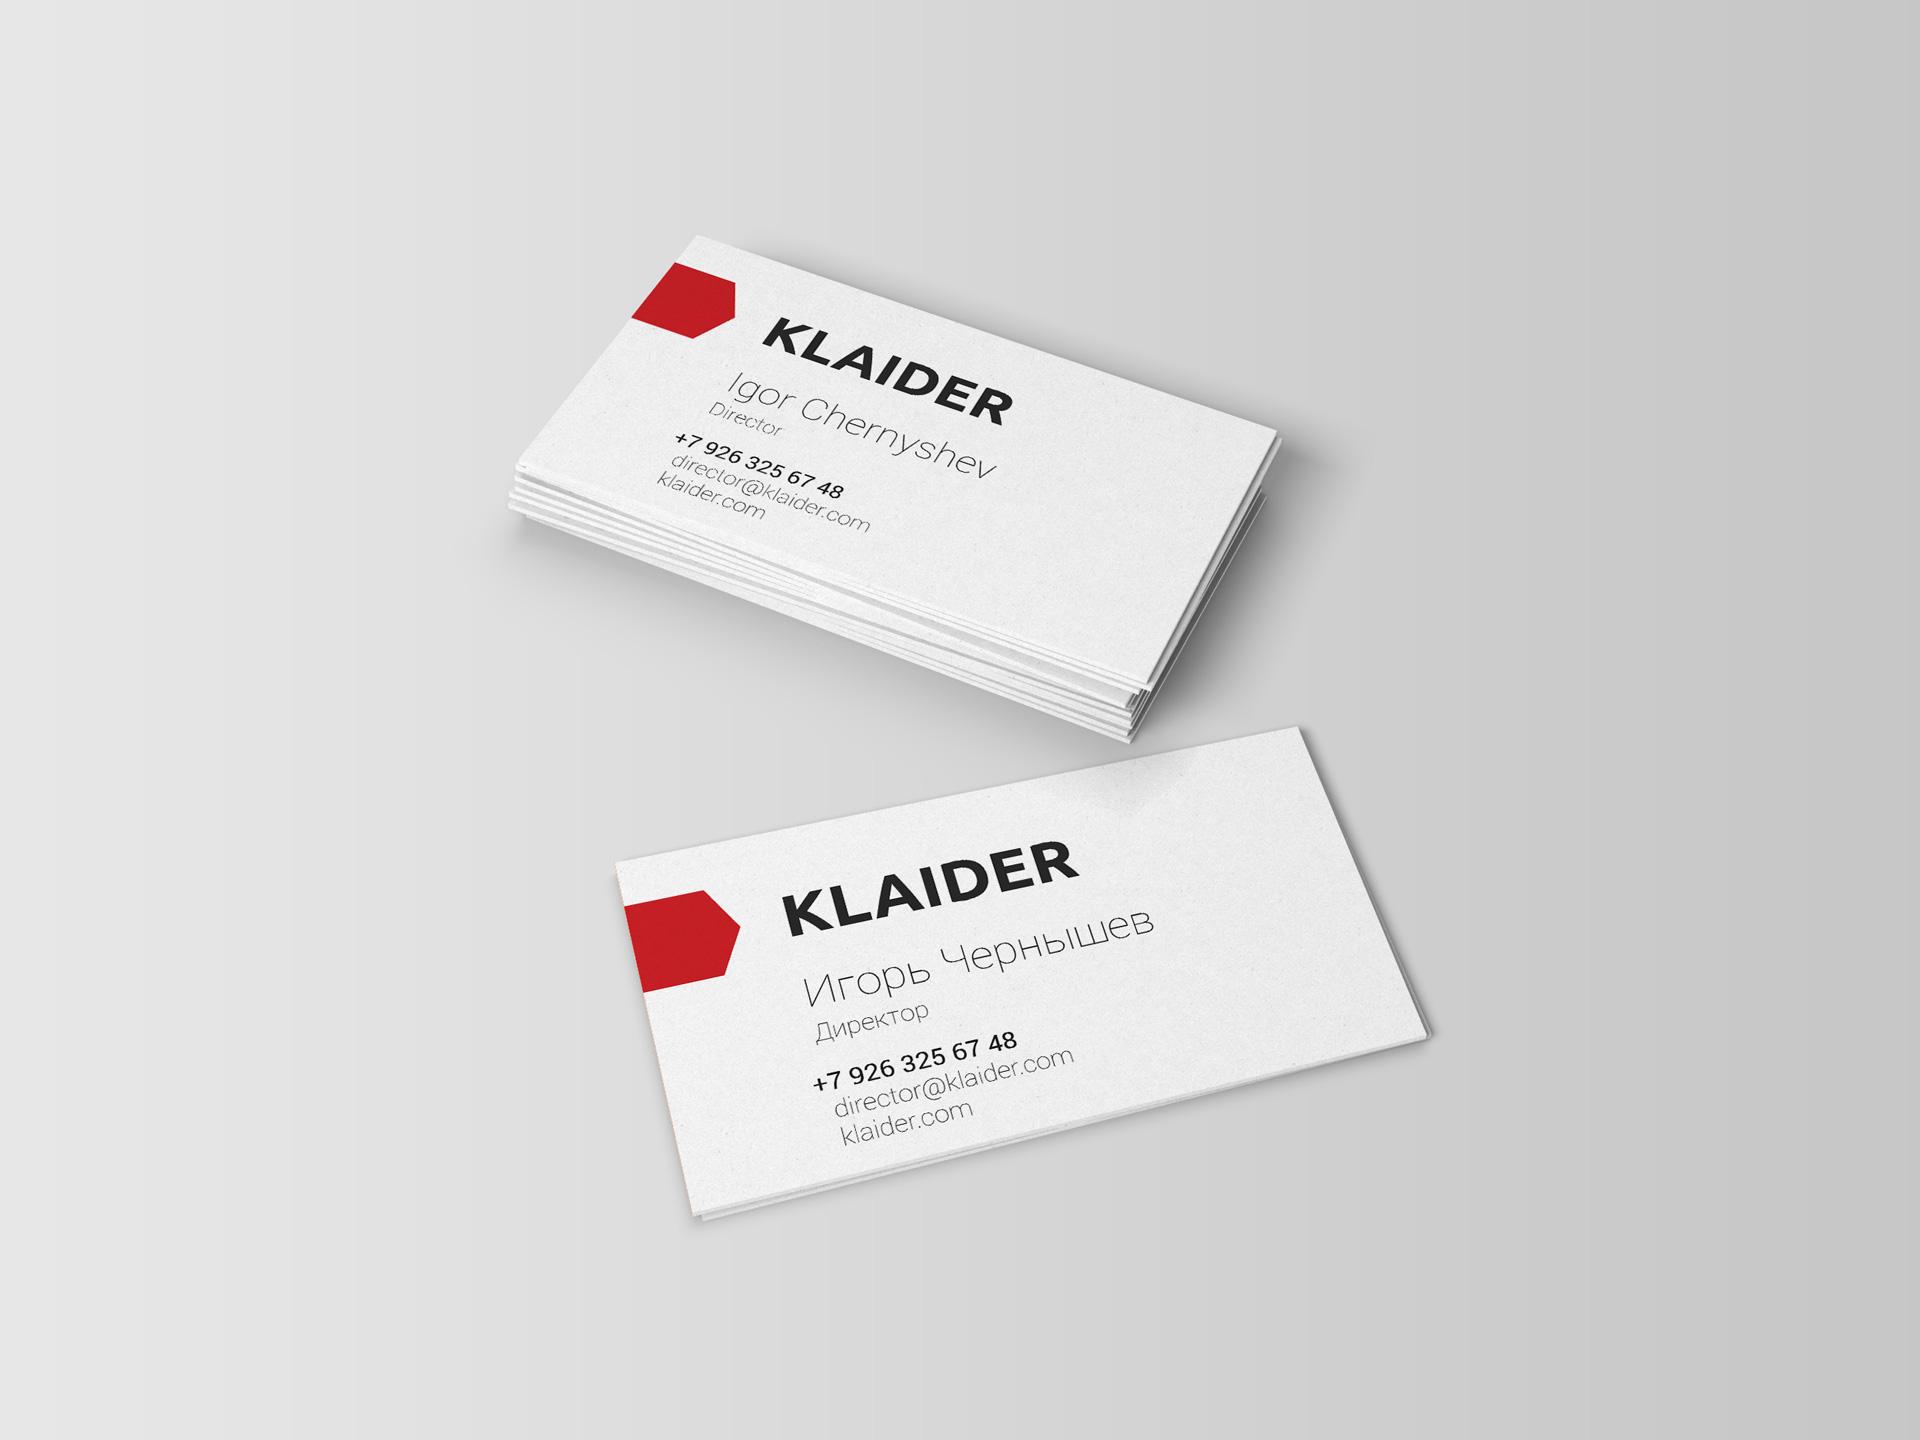 Логотип и визитка для KLAIDER